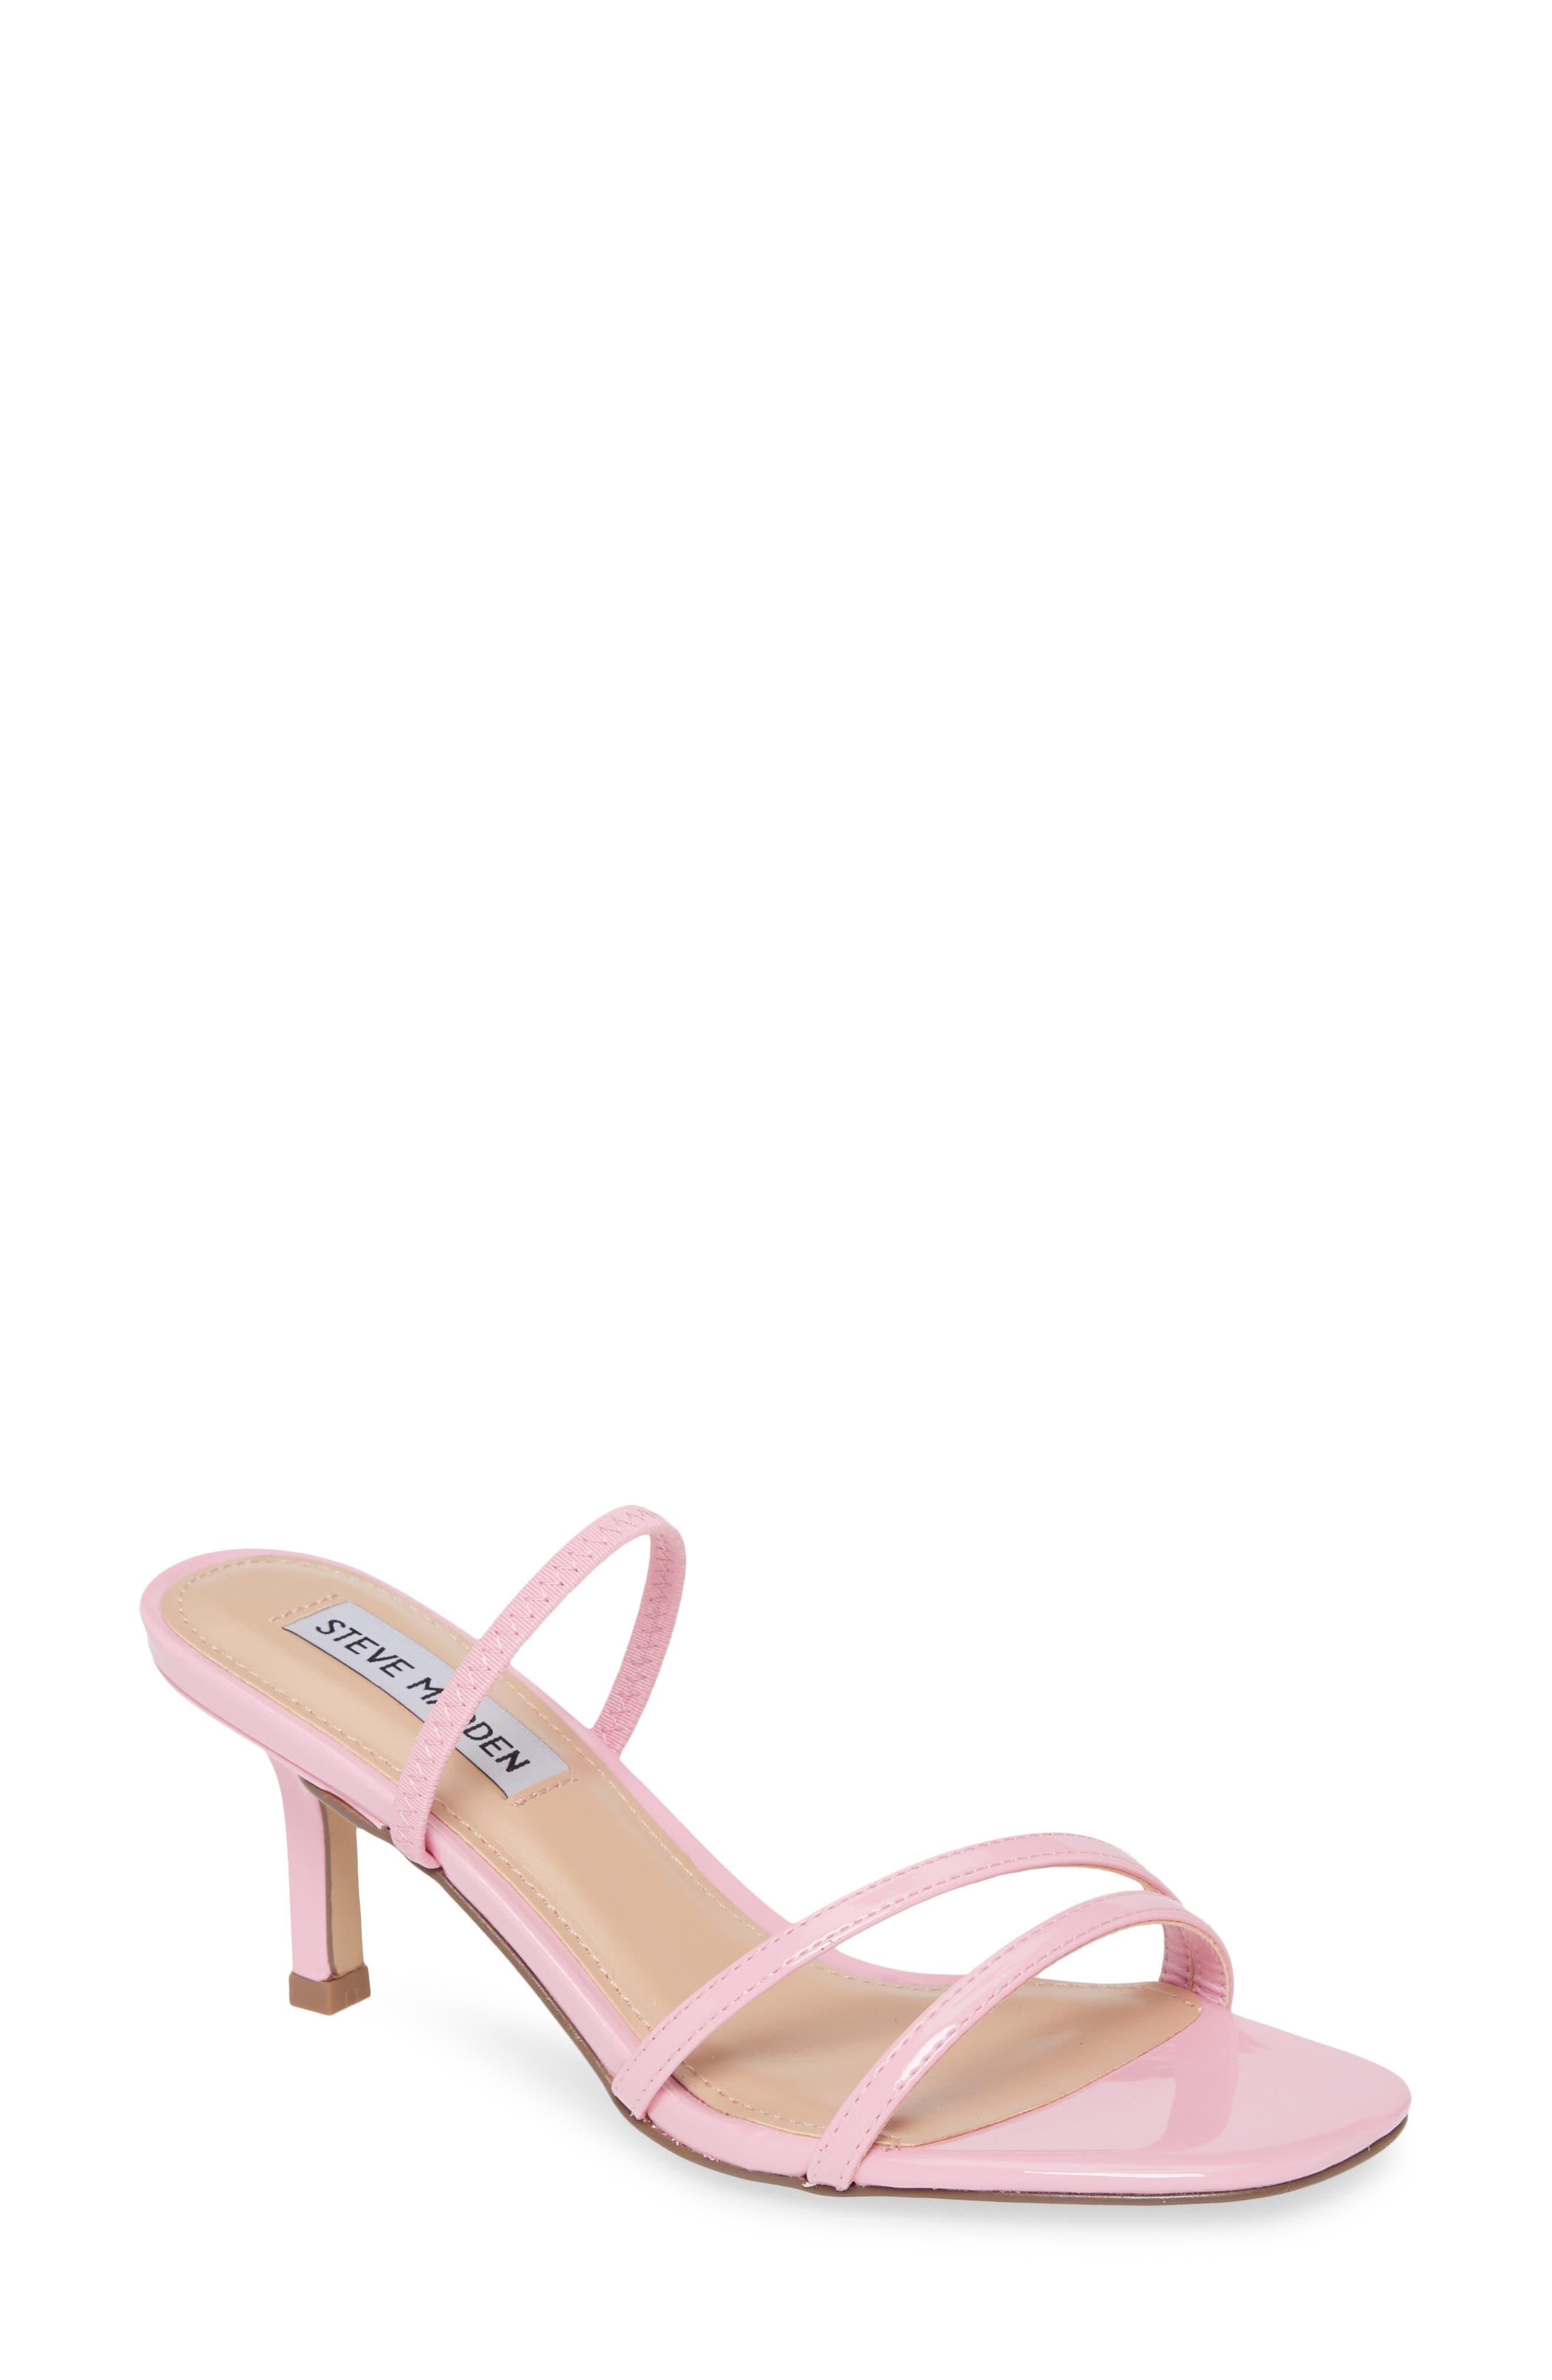 Steve Madden Loft Slide Sandal (Women)